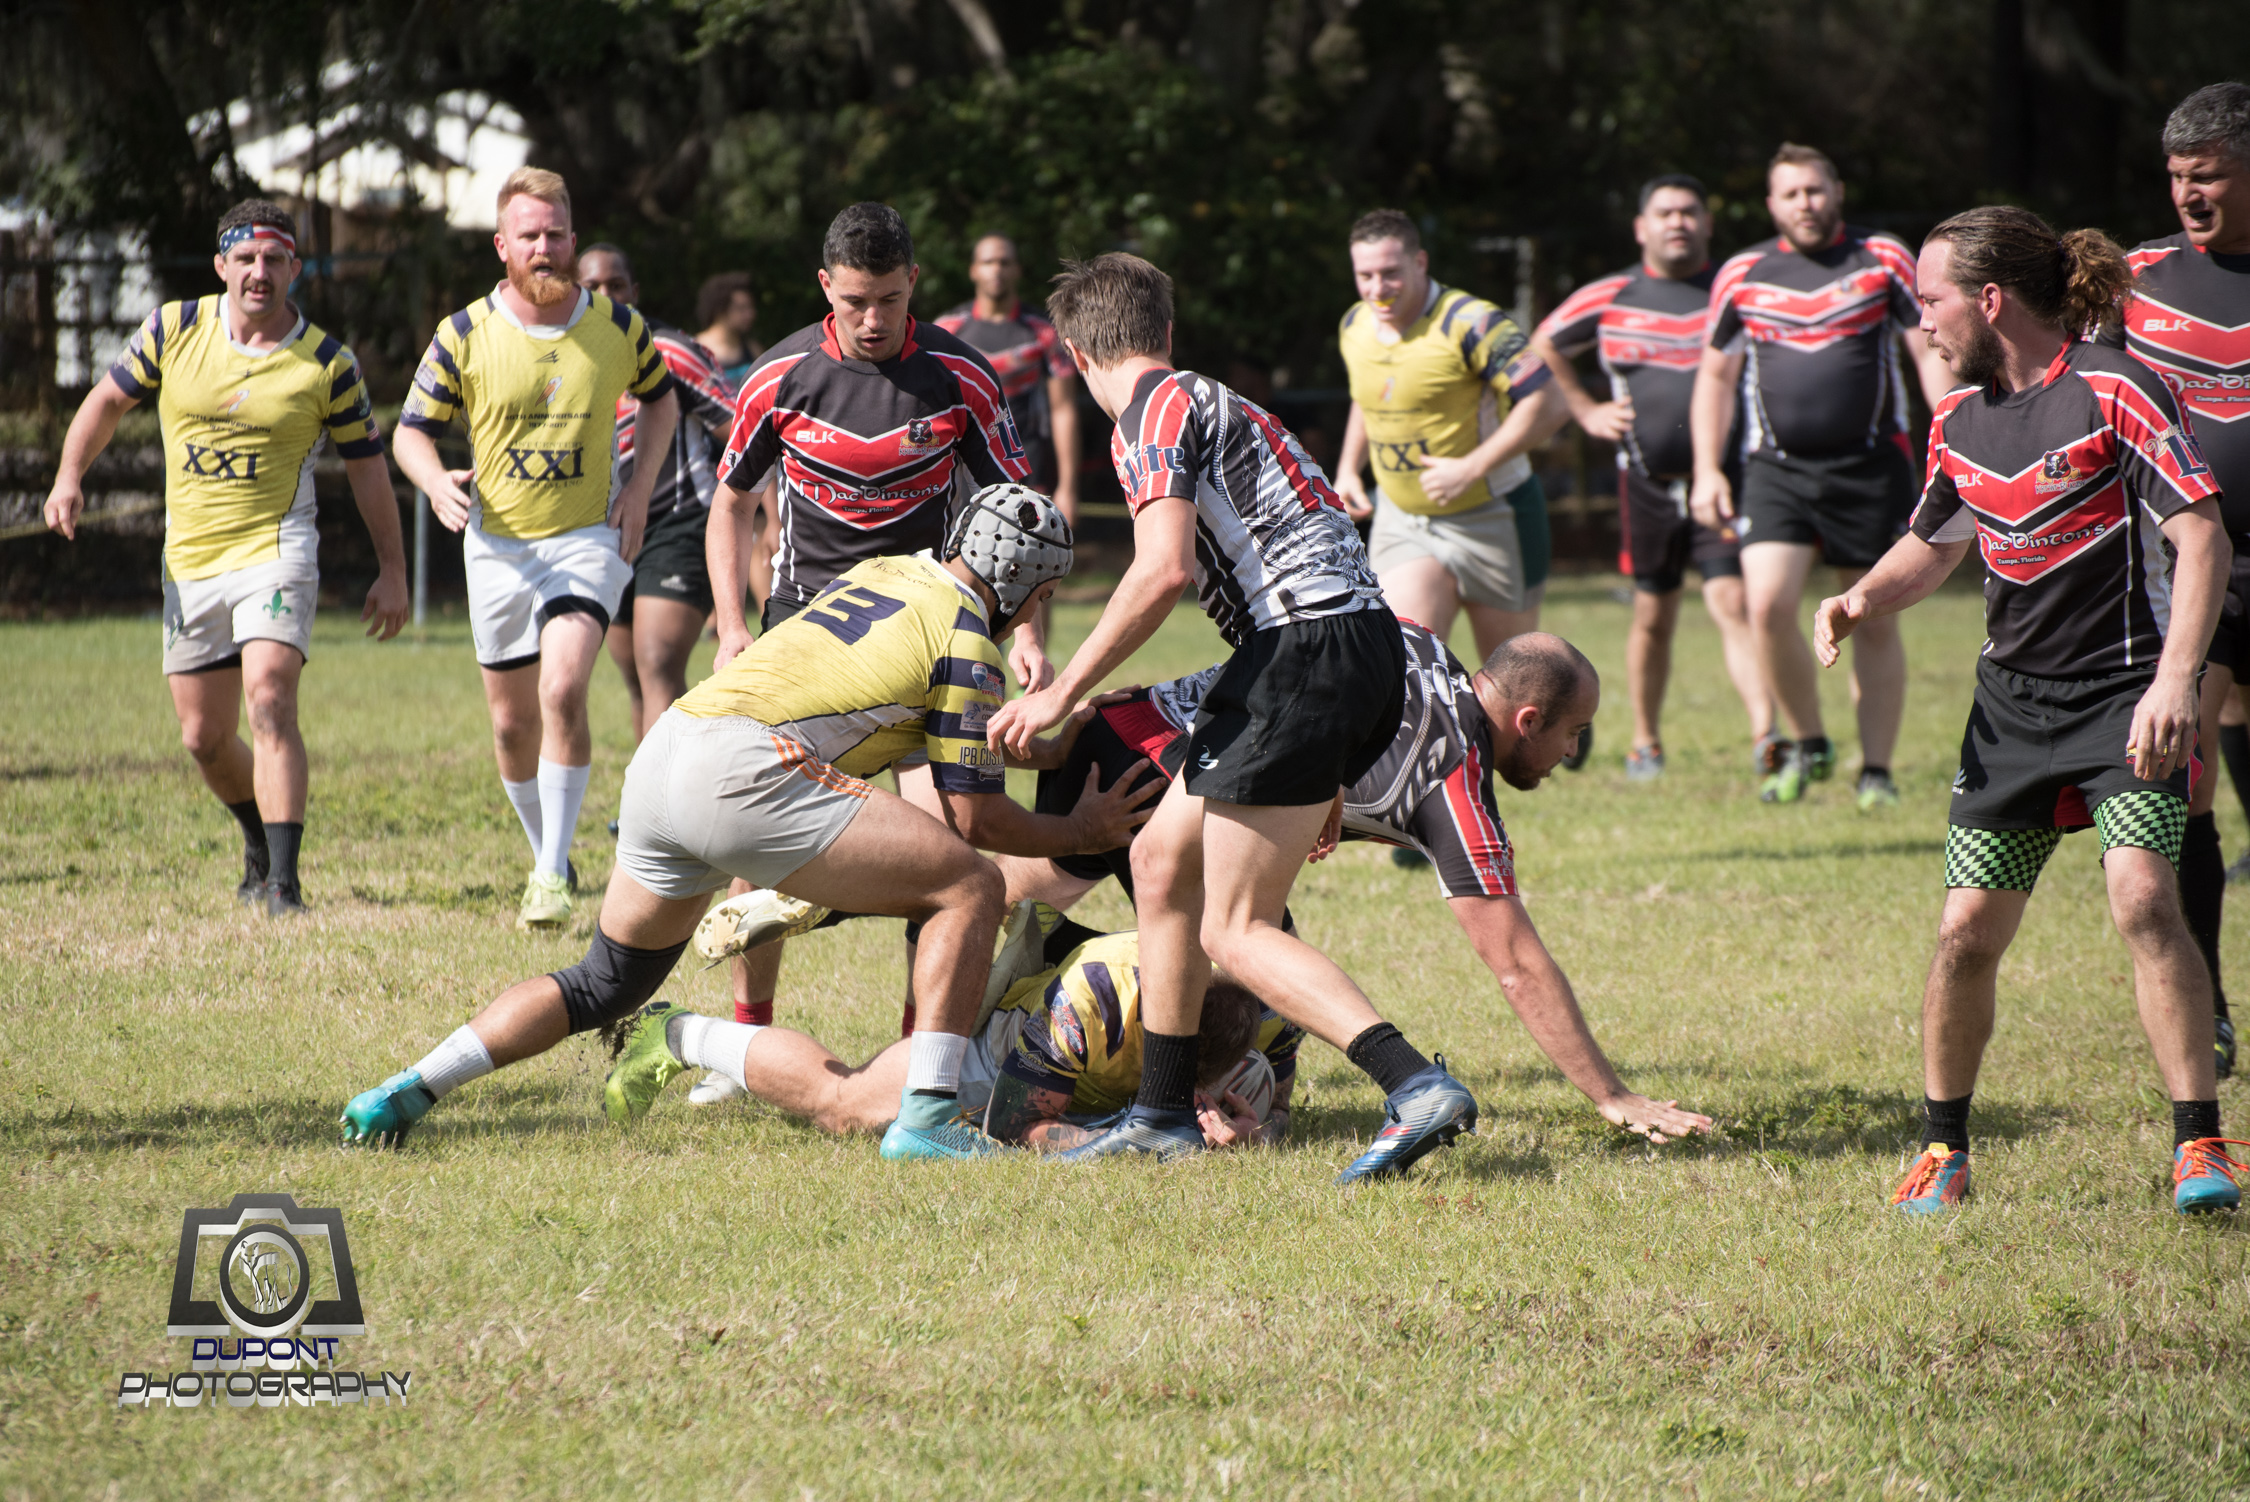 2019-01-19 Rugby-282-1.jpg